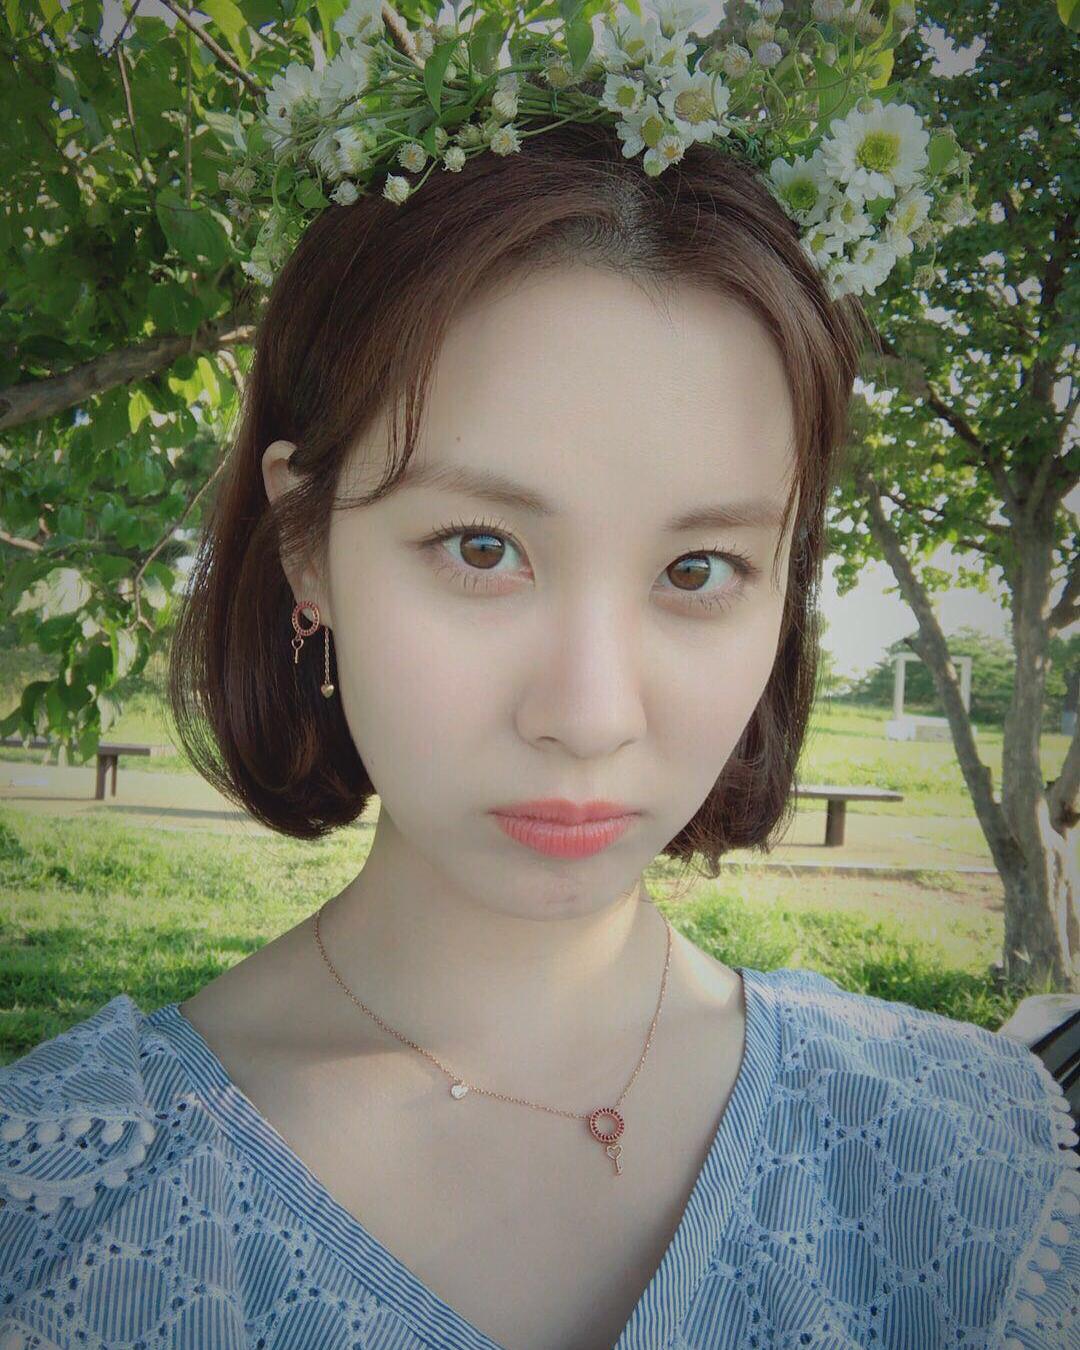 seohyun-btgt-kieu-toc-ngang-vai-dep-nhung-kieu-toc-ngang-vai-dang-chiem-song-drama-han-gan-day